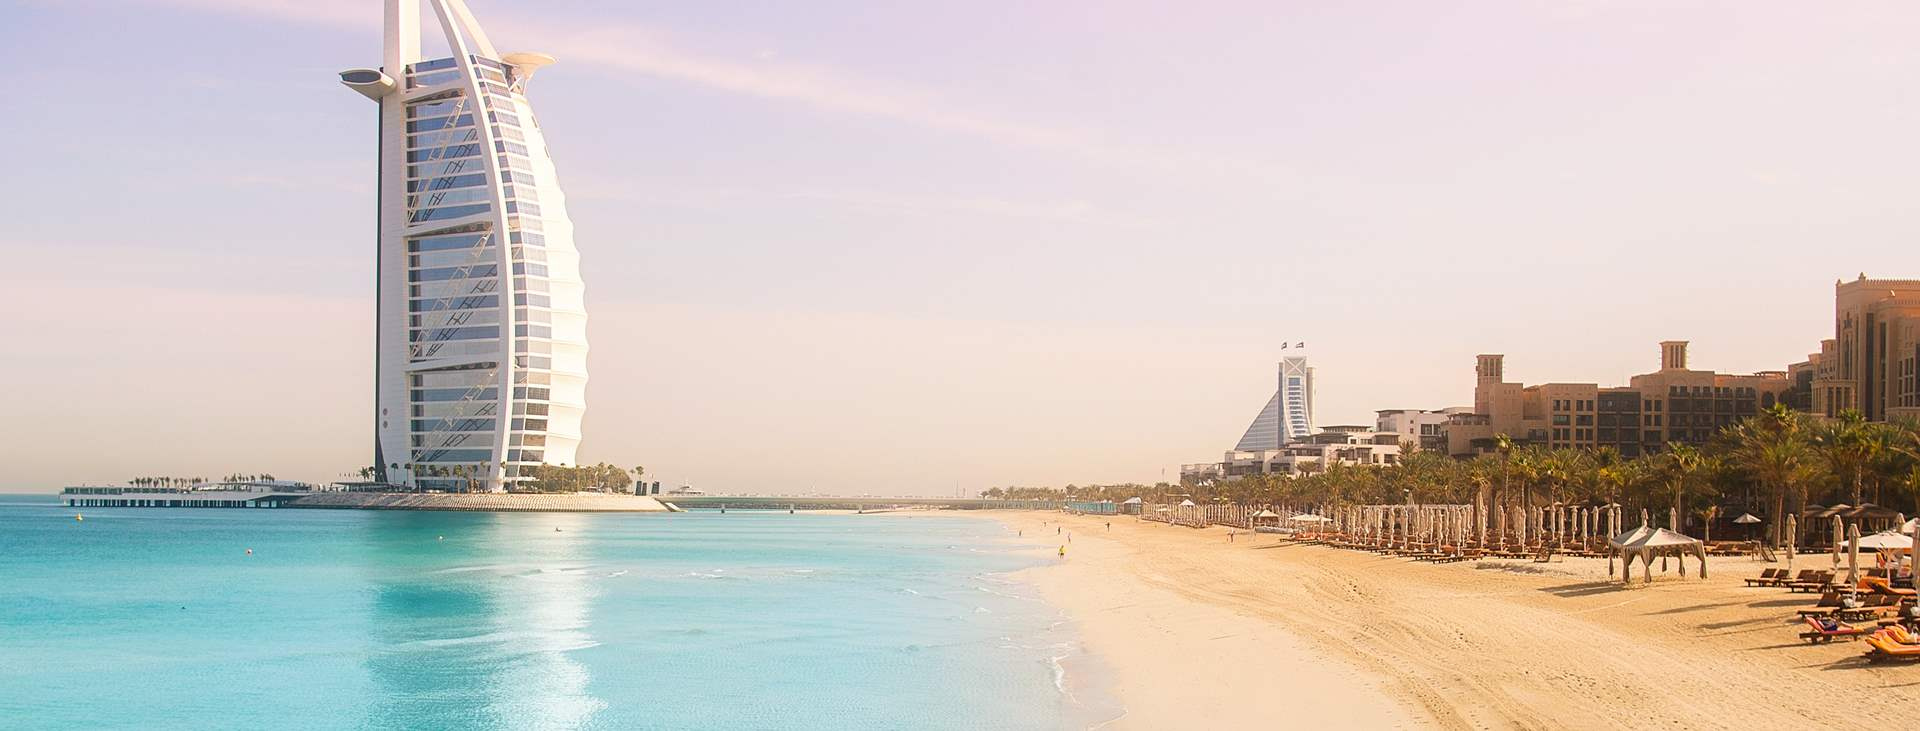 Bestill en reise med Ving til Dubai